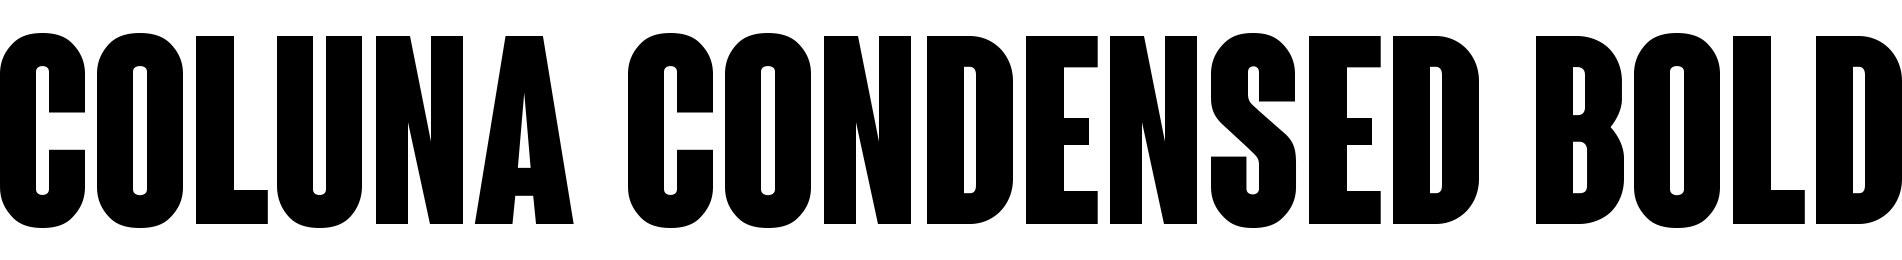 Coluna Condensed Bold